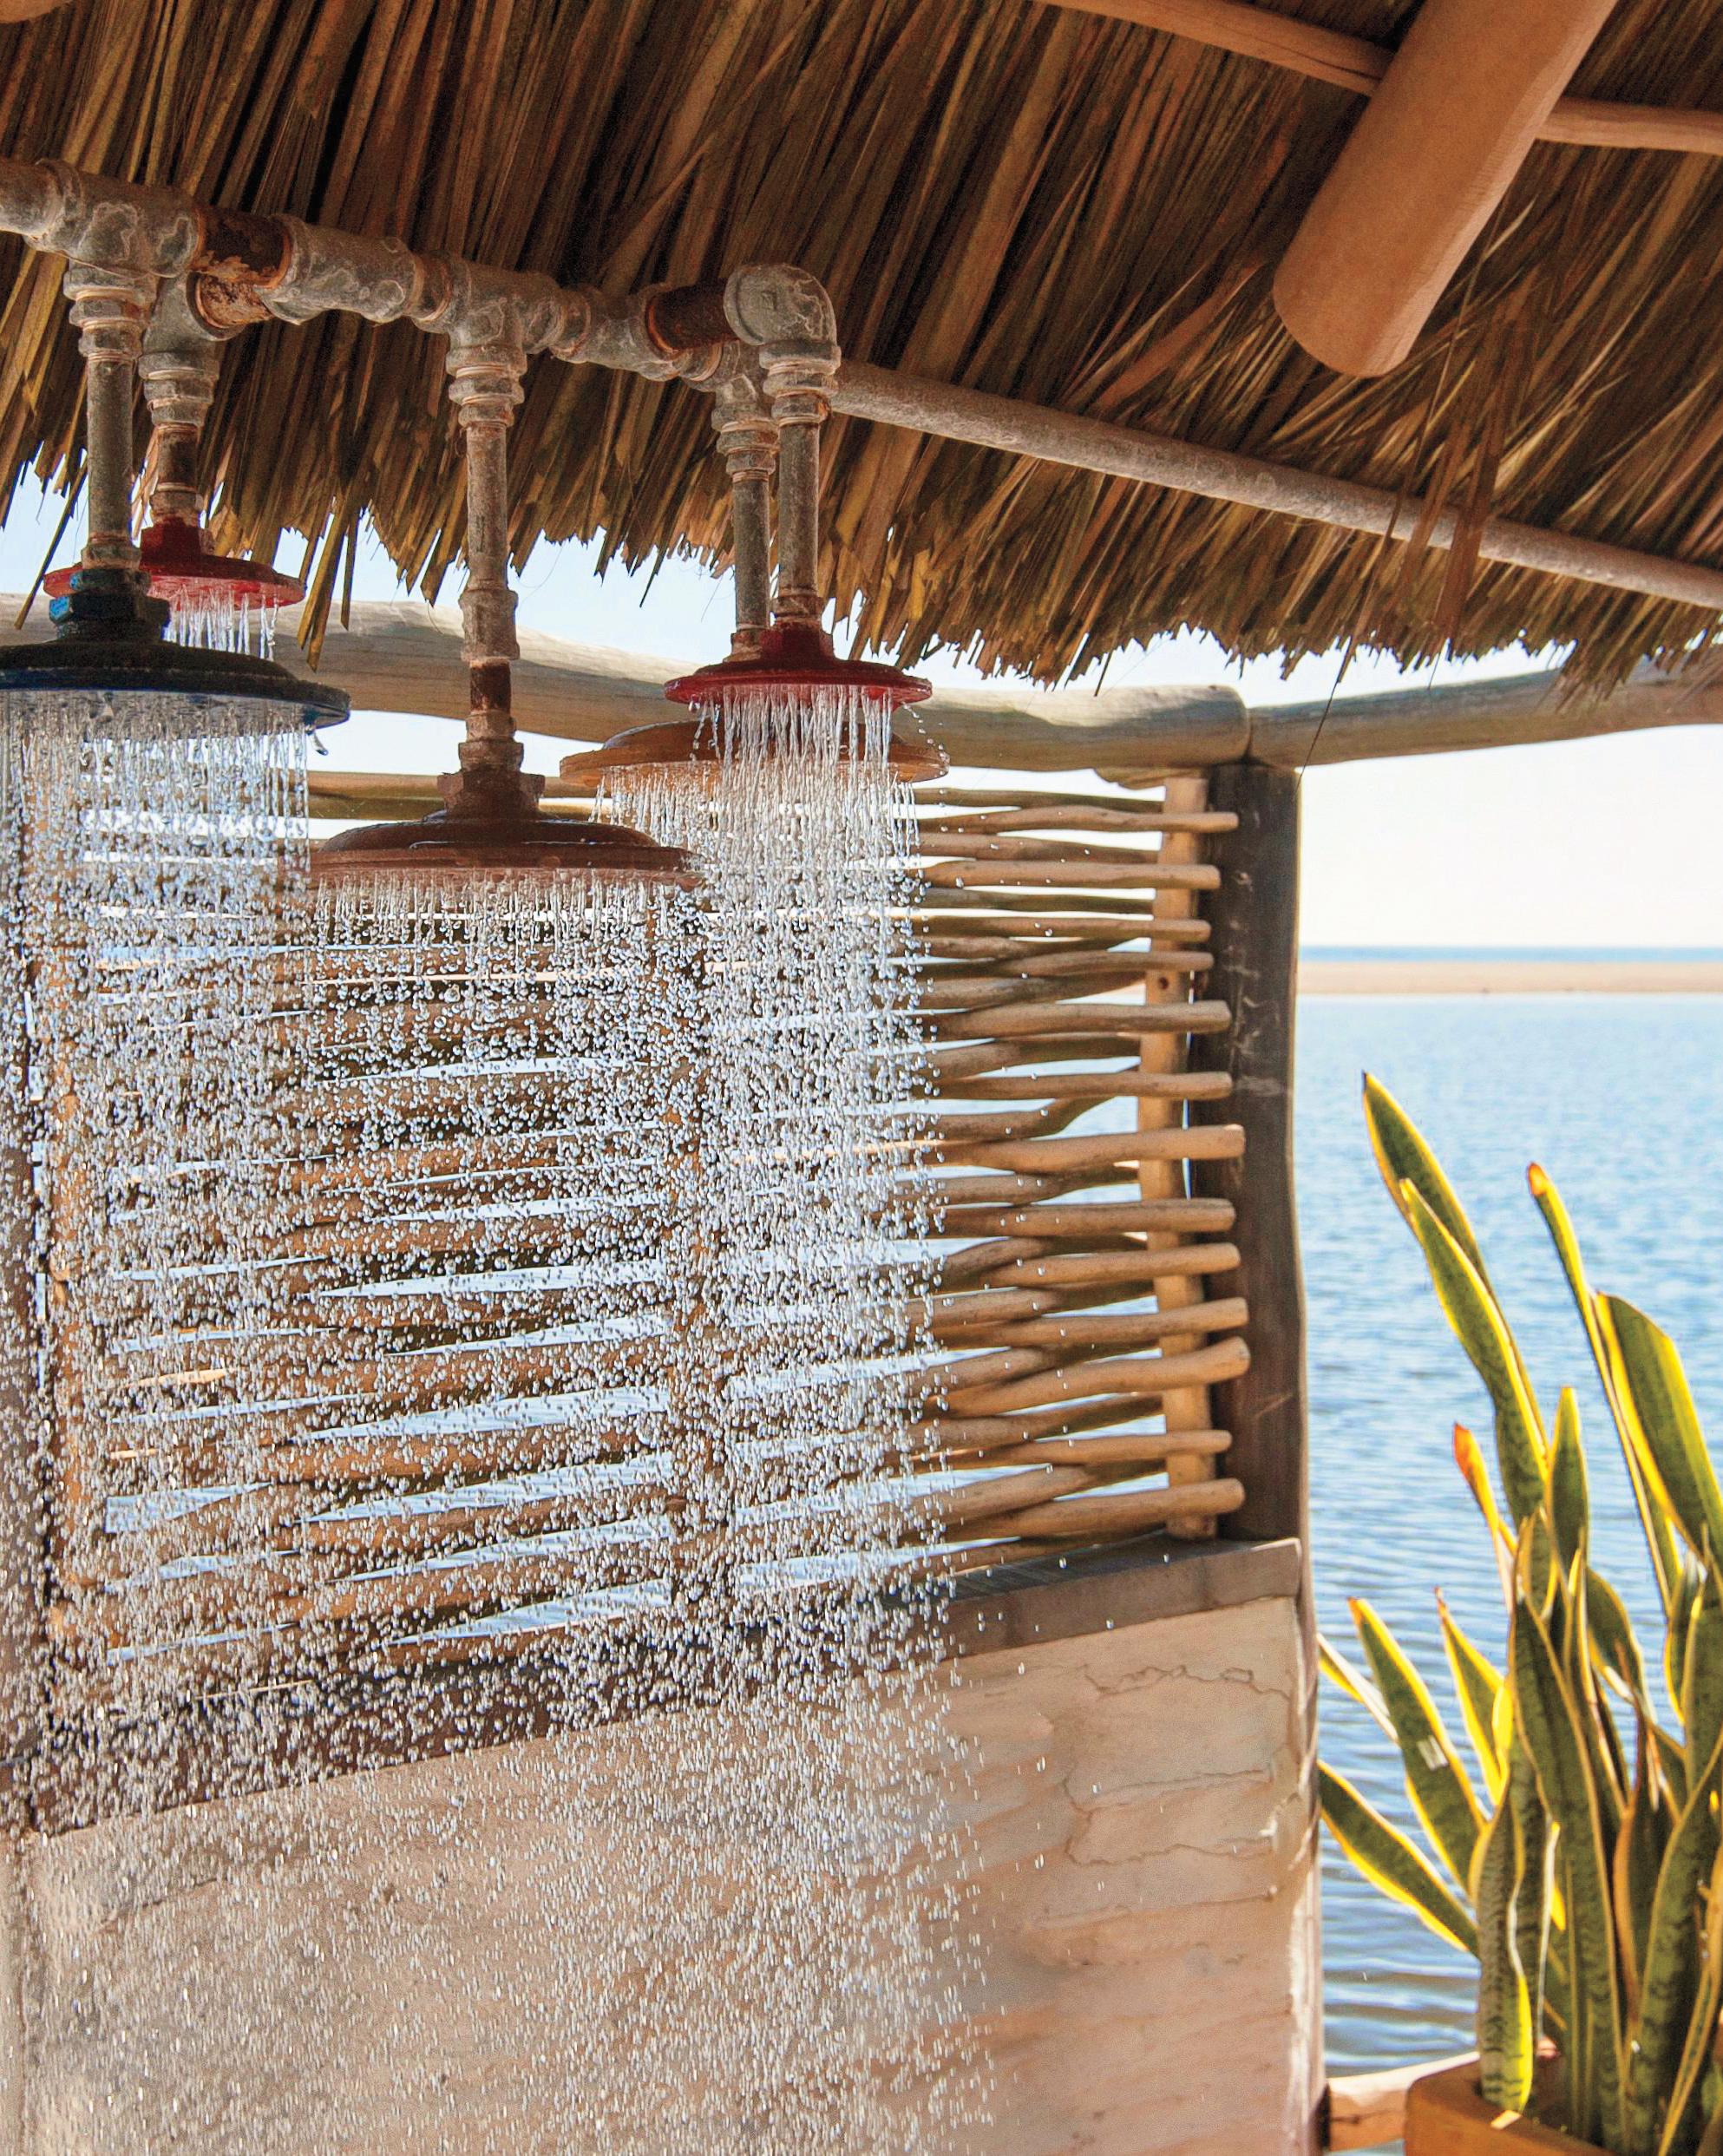 hotelito-desconocido-shower-rosa-eva-sica-8-s111679.jpg